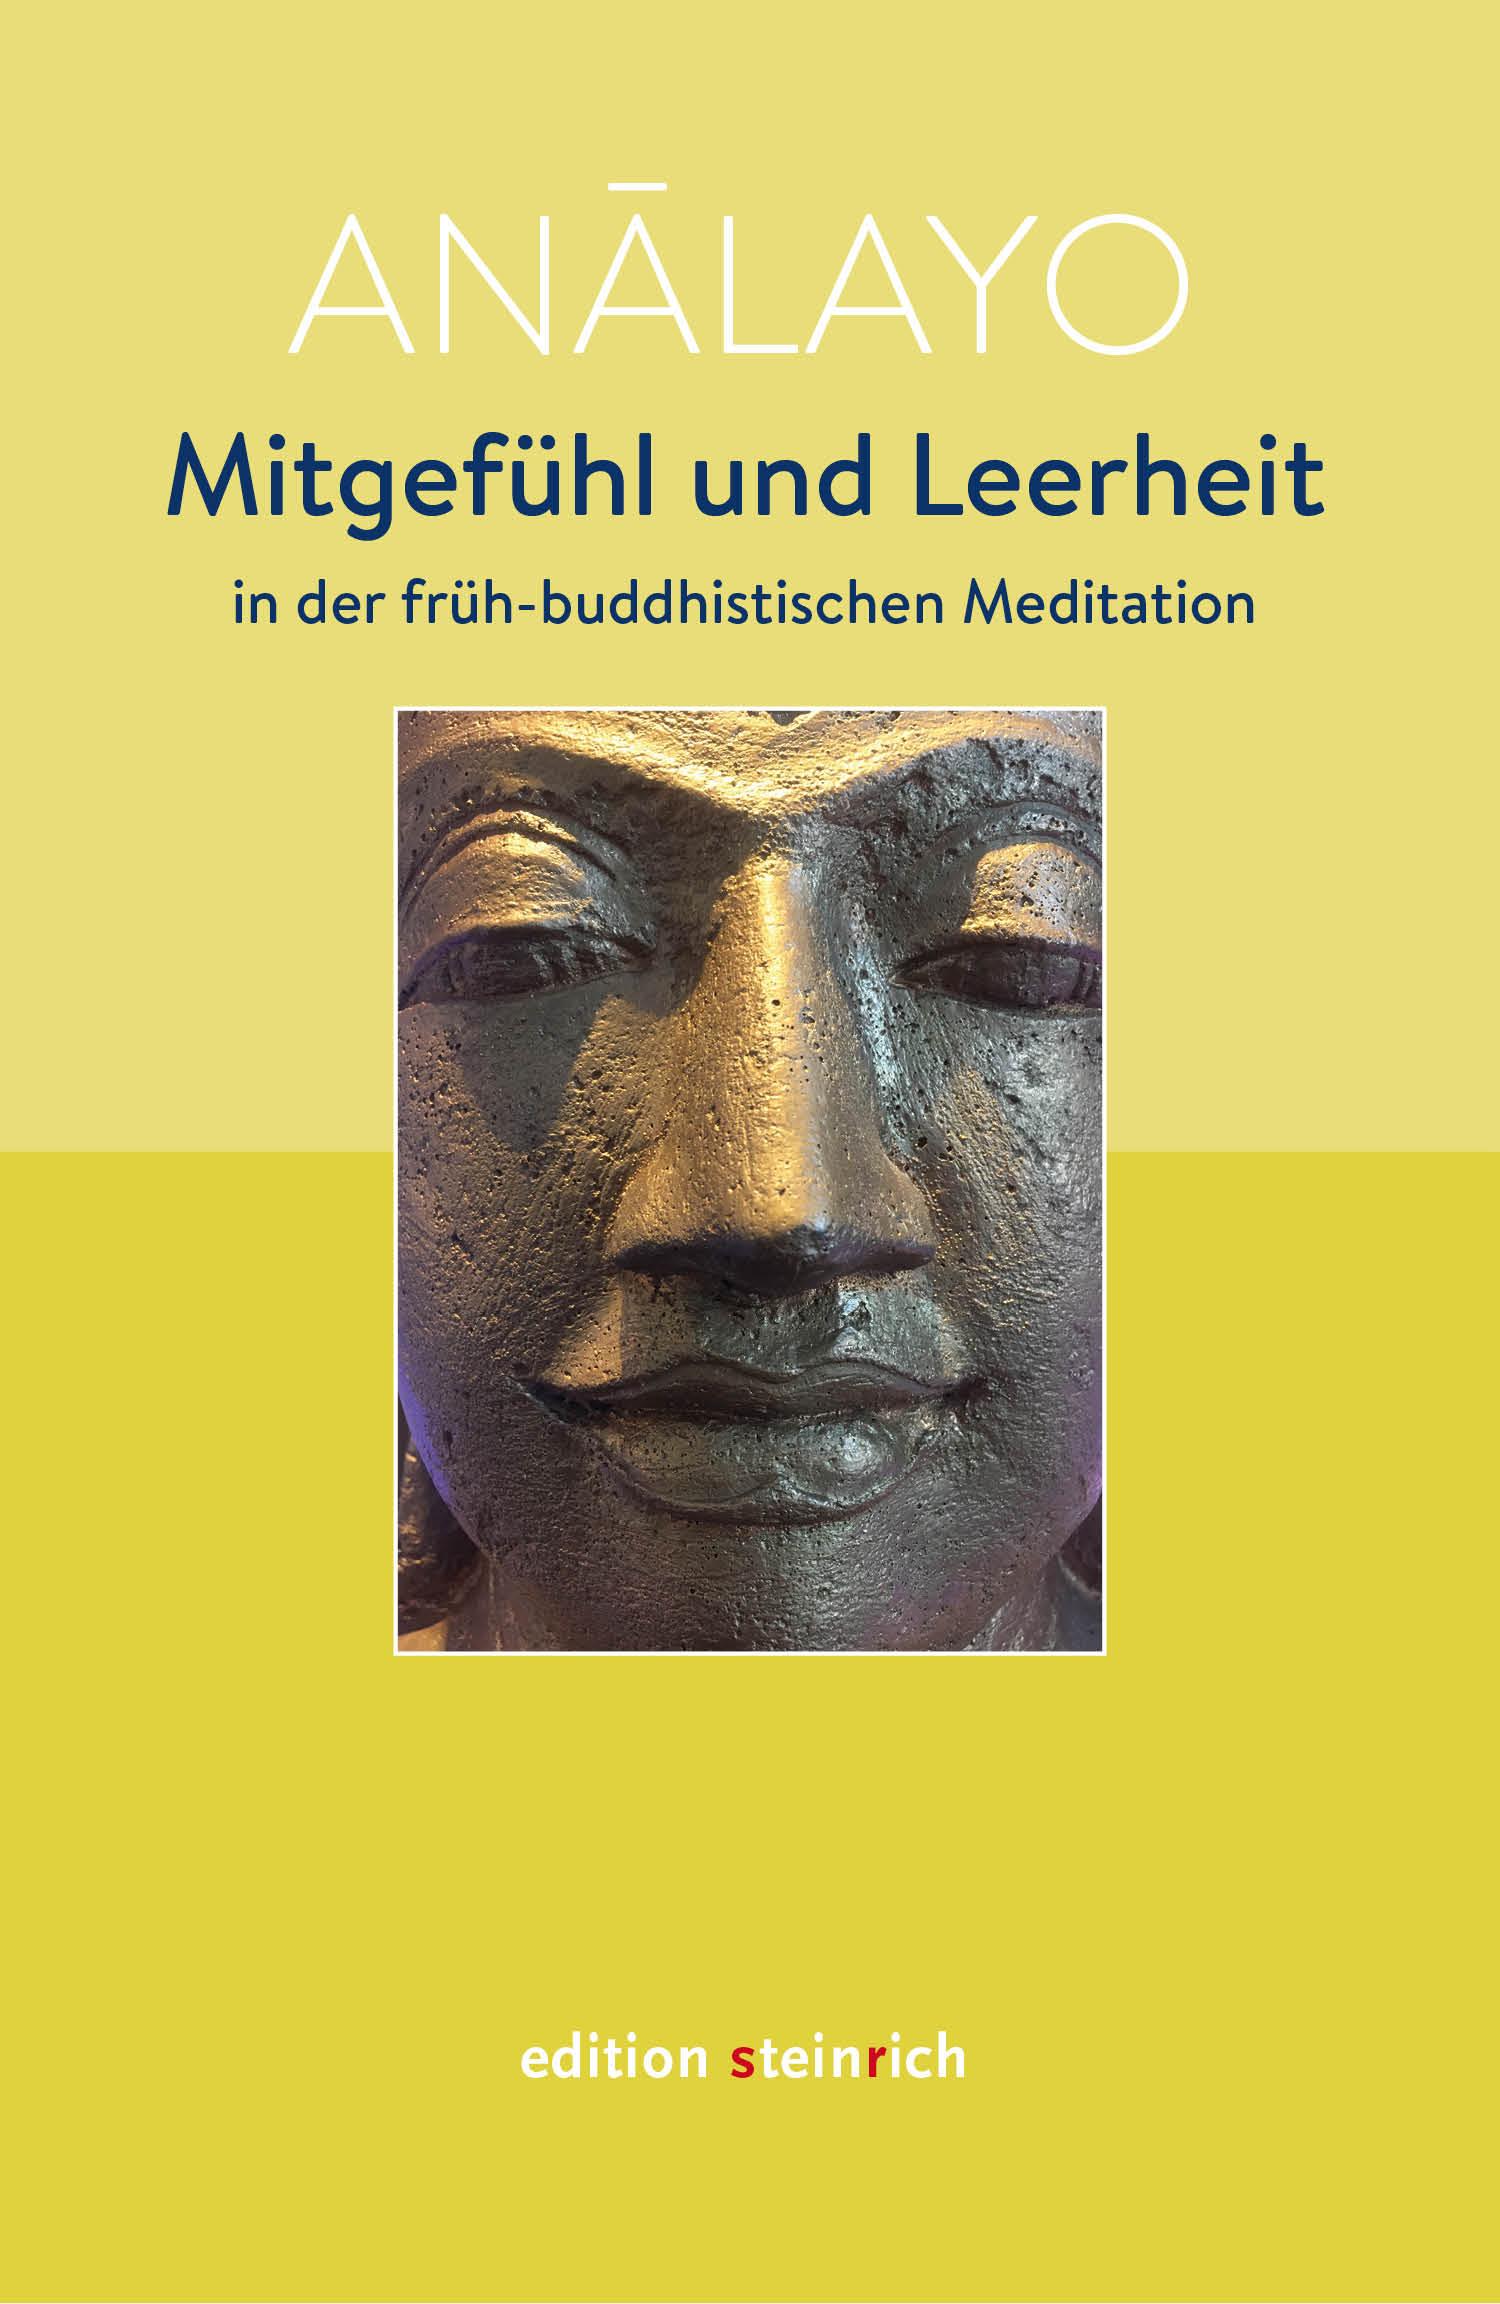 Mitgefühl und Leerheit in der früh-buddhistischen Meditation